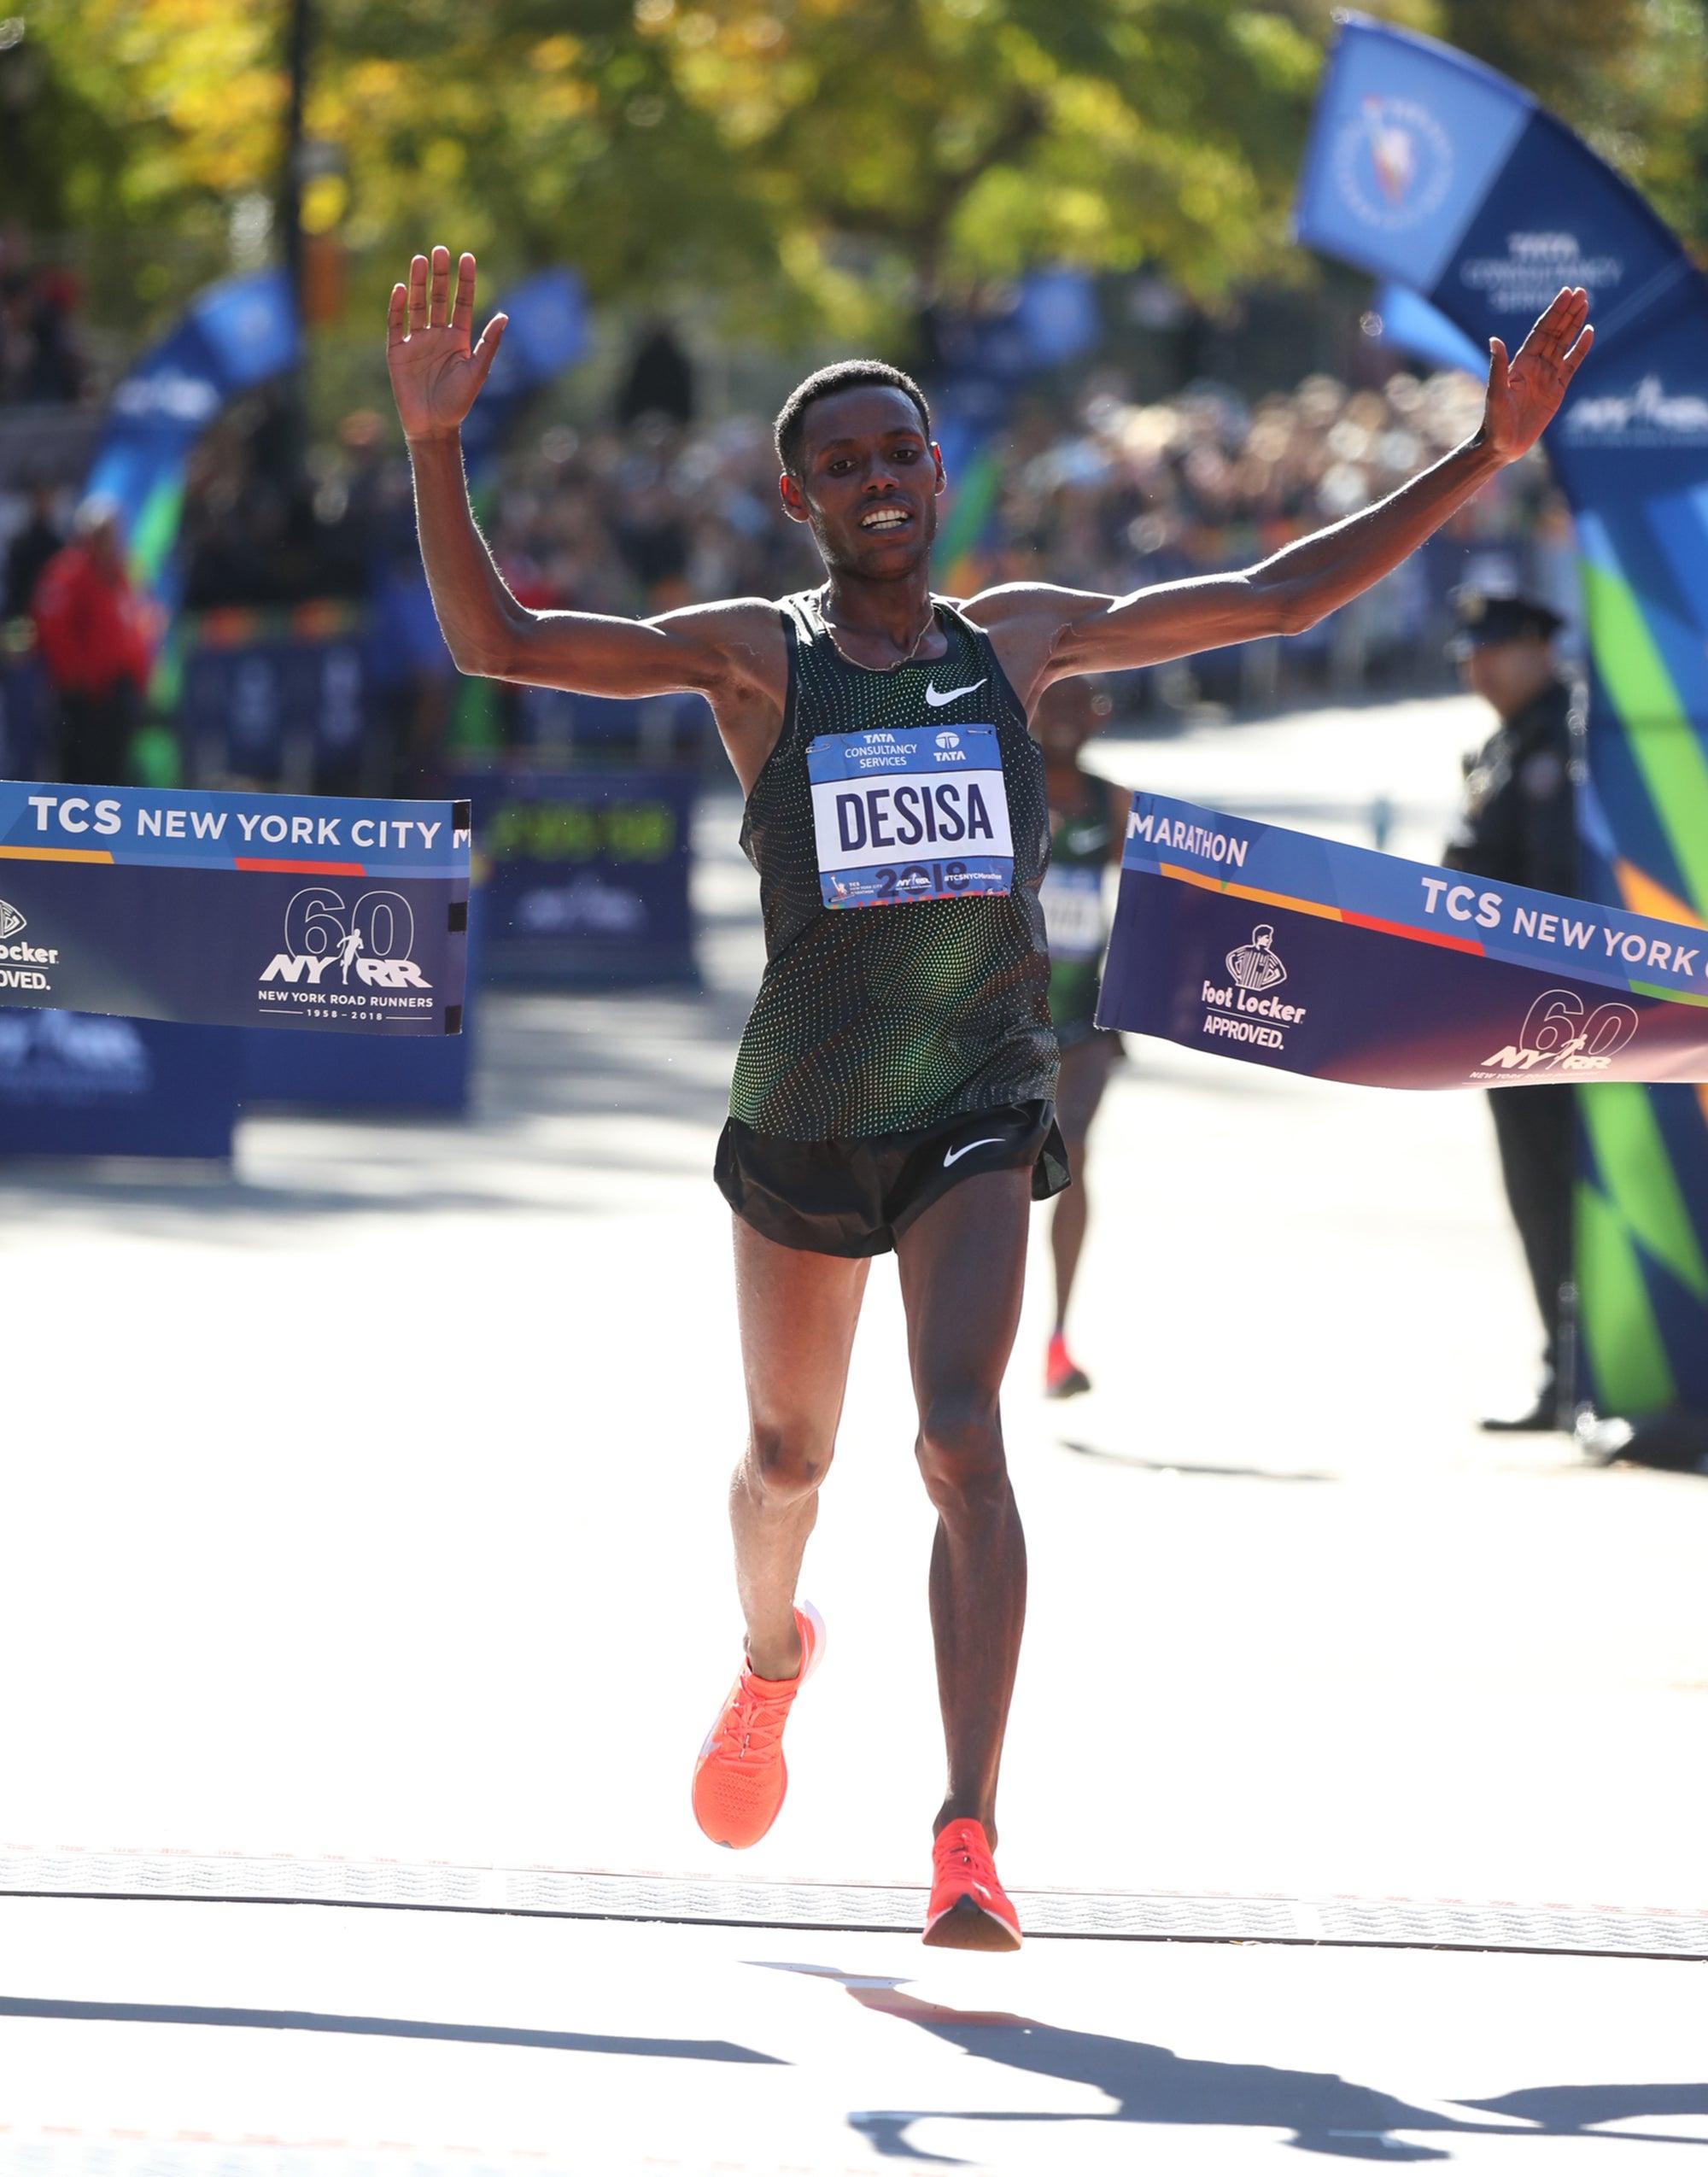 Desisa winning NYCM 2018